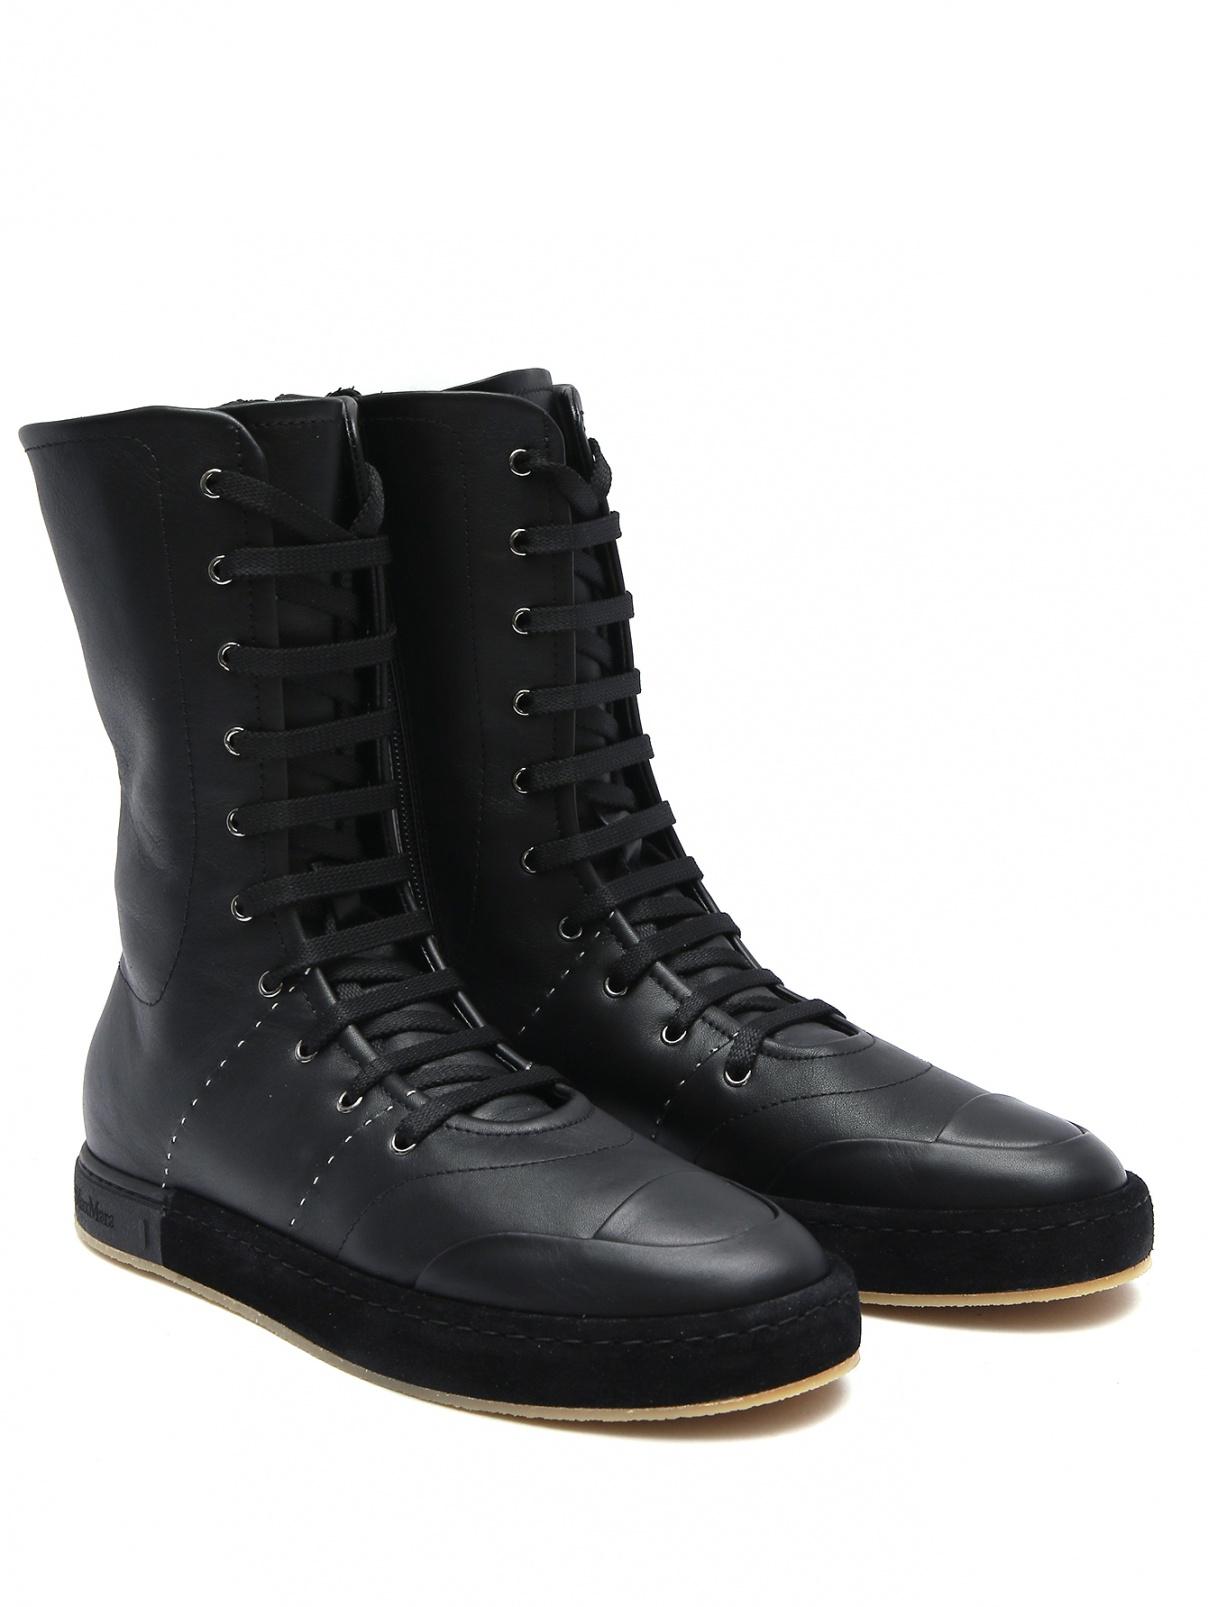 Высокие ботинки из кожи на шнурках Max Mara  –  Общий вид  – Цвет:  Черный